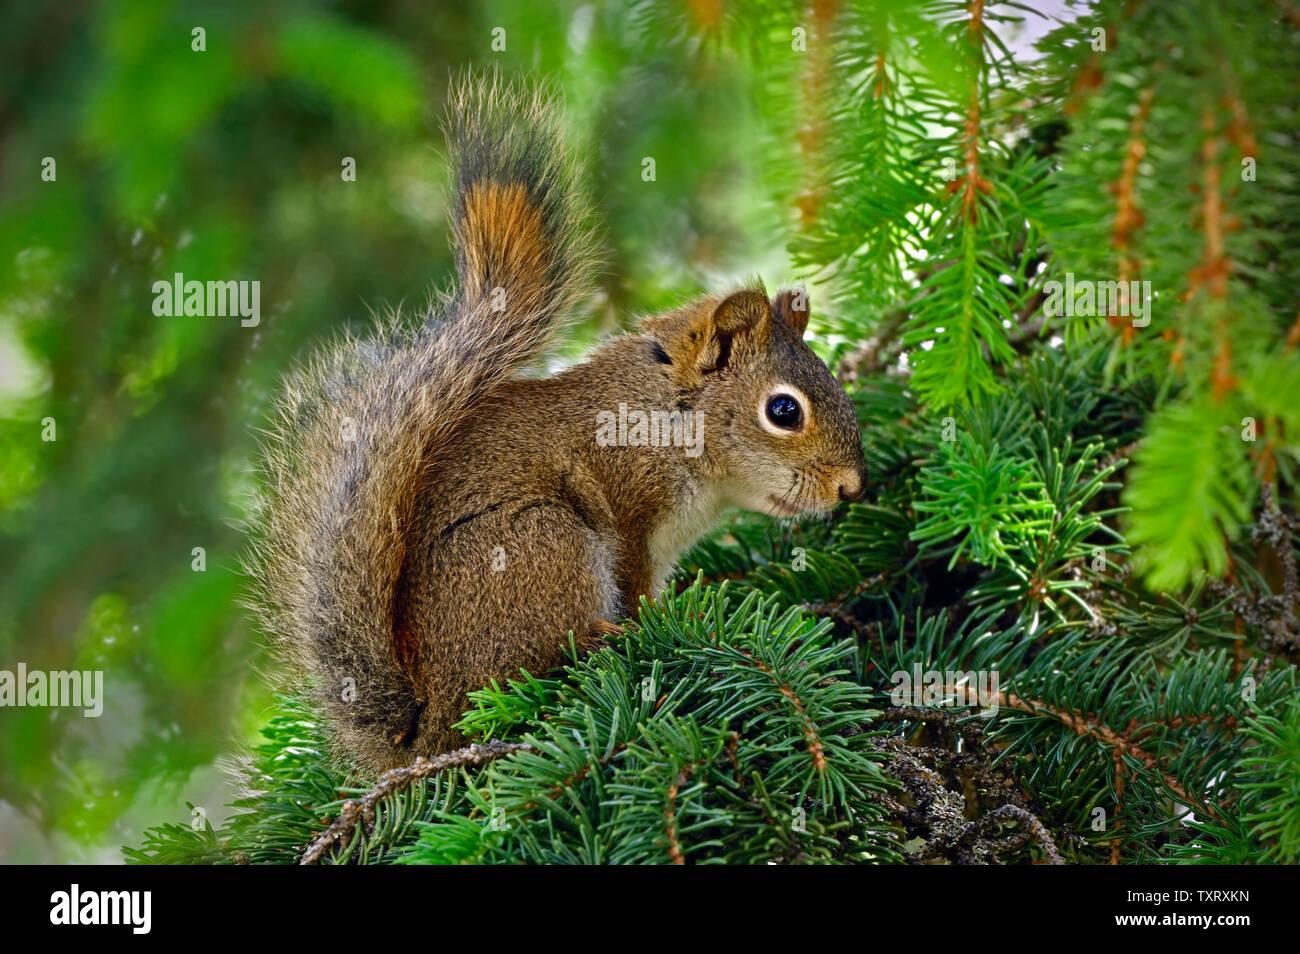 """Eine Seitenansicht eines jungen Eichhörnchen """"Tamiasciurus hudsonicus', auf einem grünen Spruce Tree Branch in ländlichen Alberta, Kanada. Stockbild"""